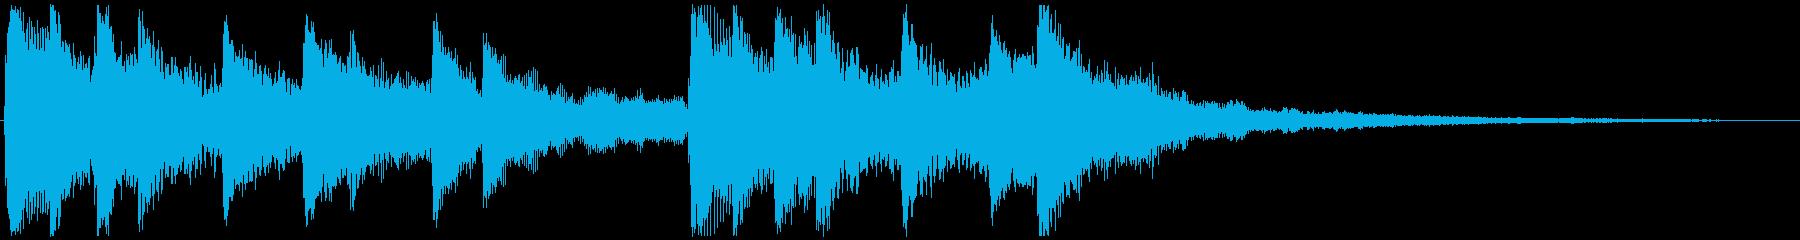 せつない感じの ピアノ&ストリングス③の再生済みの波形